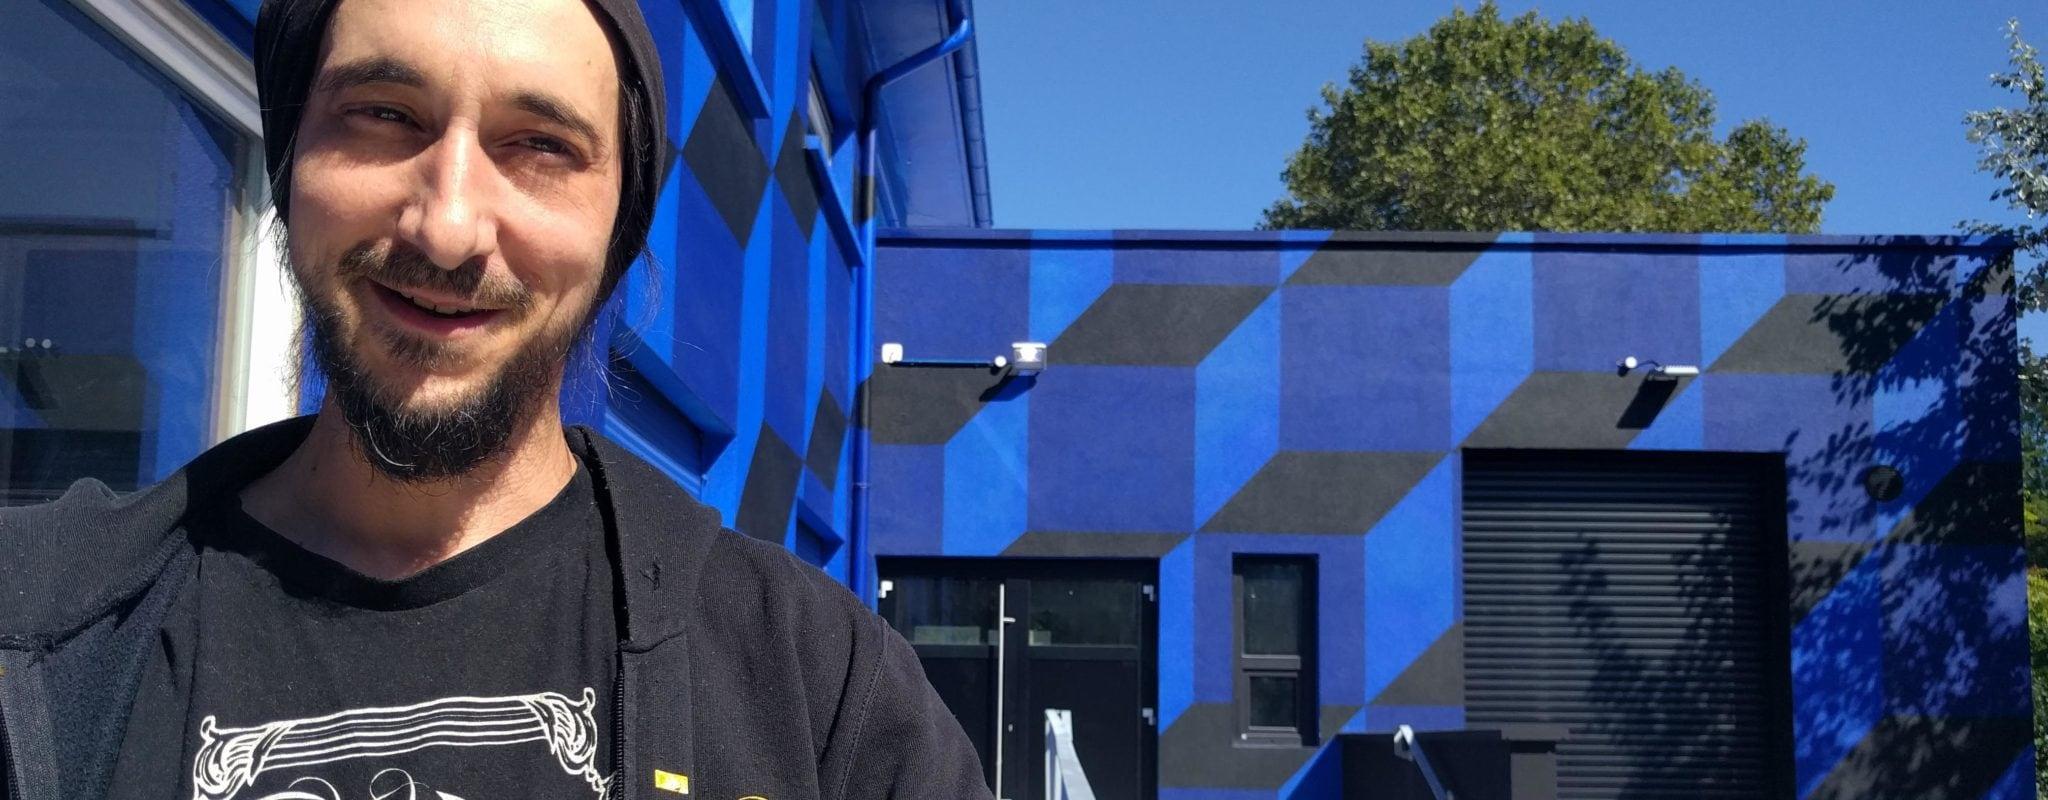 La Maison Bleue devient une nouvelle salle de concerts